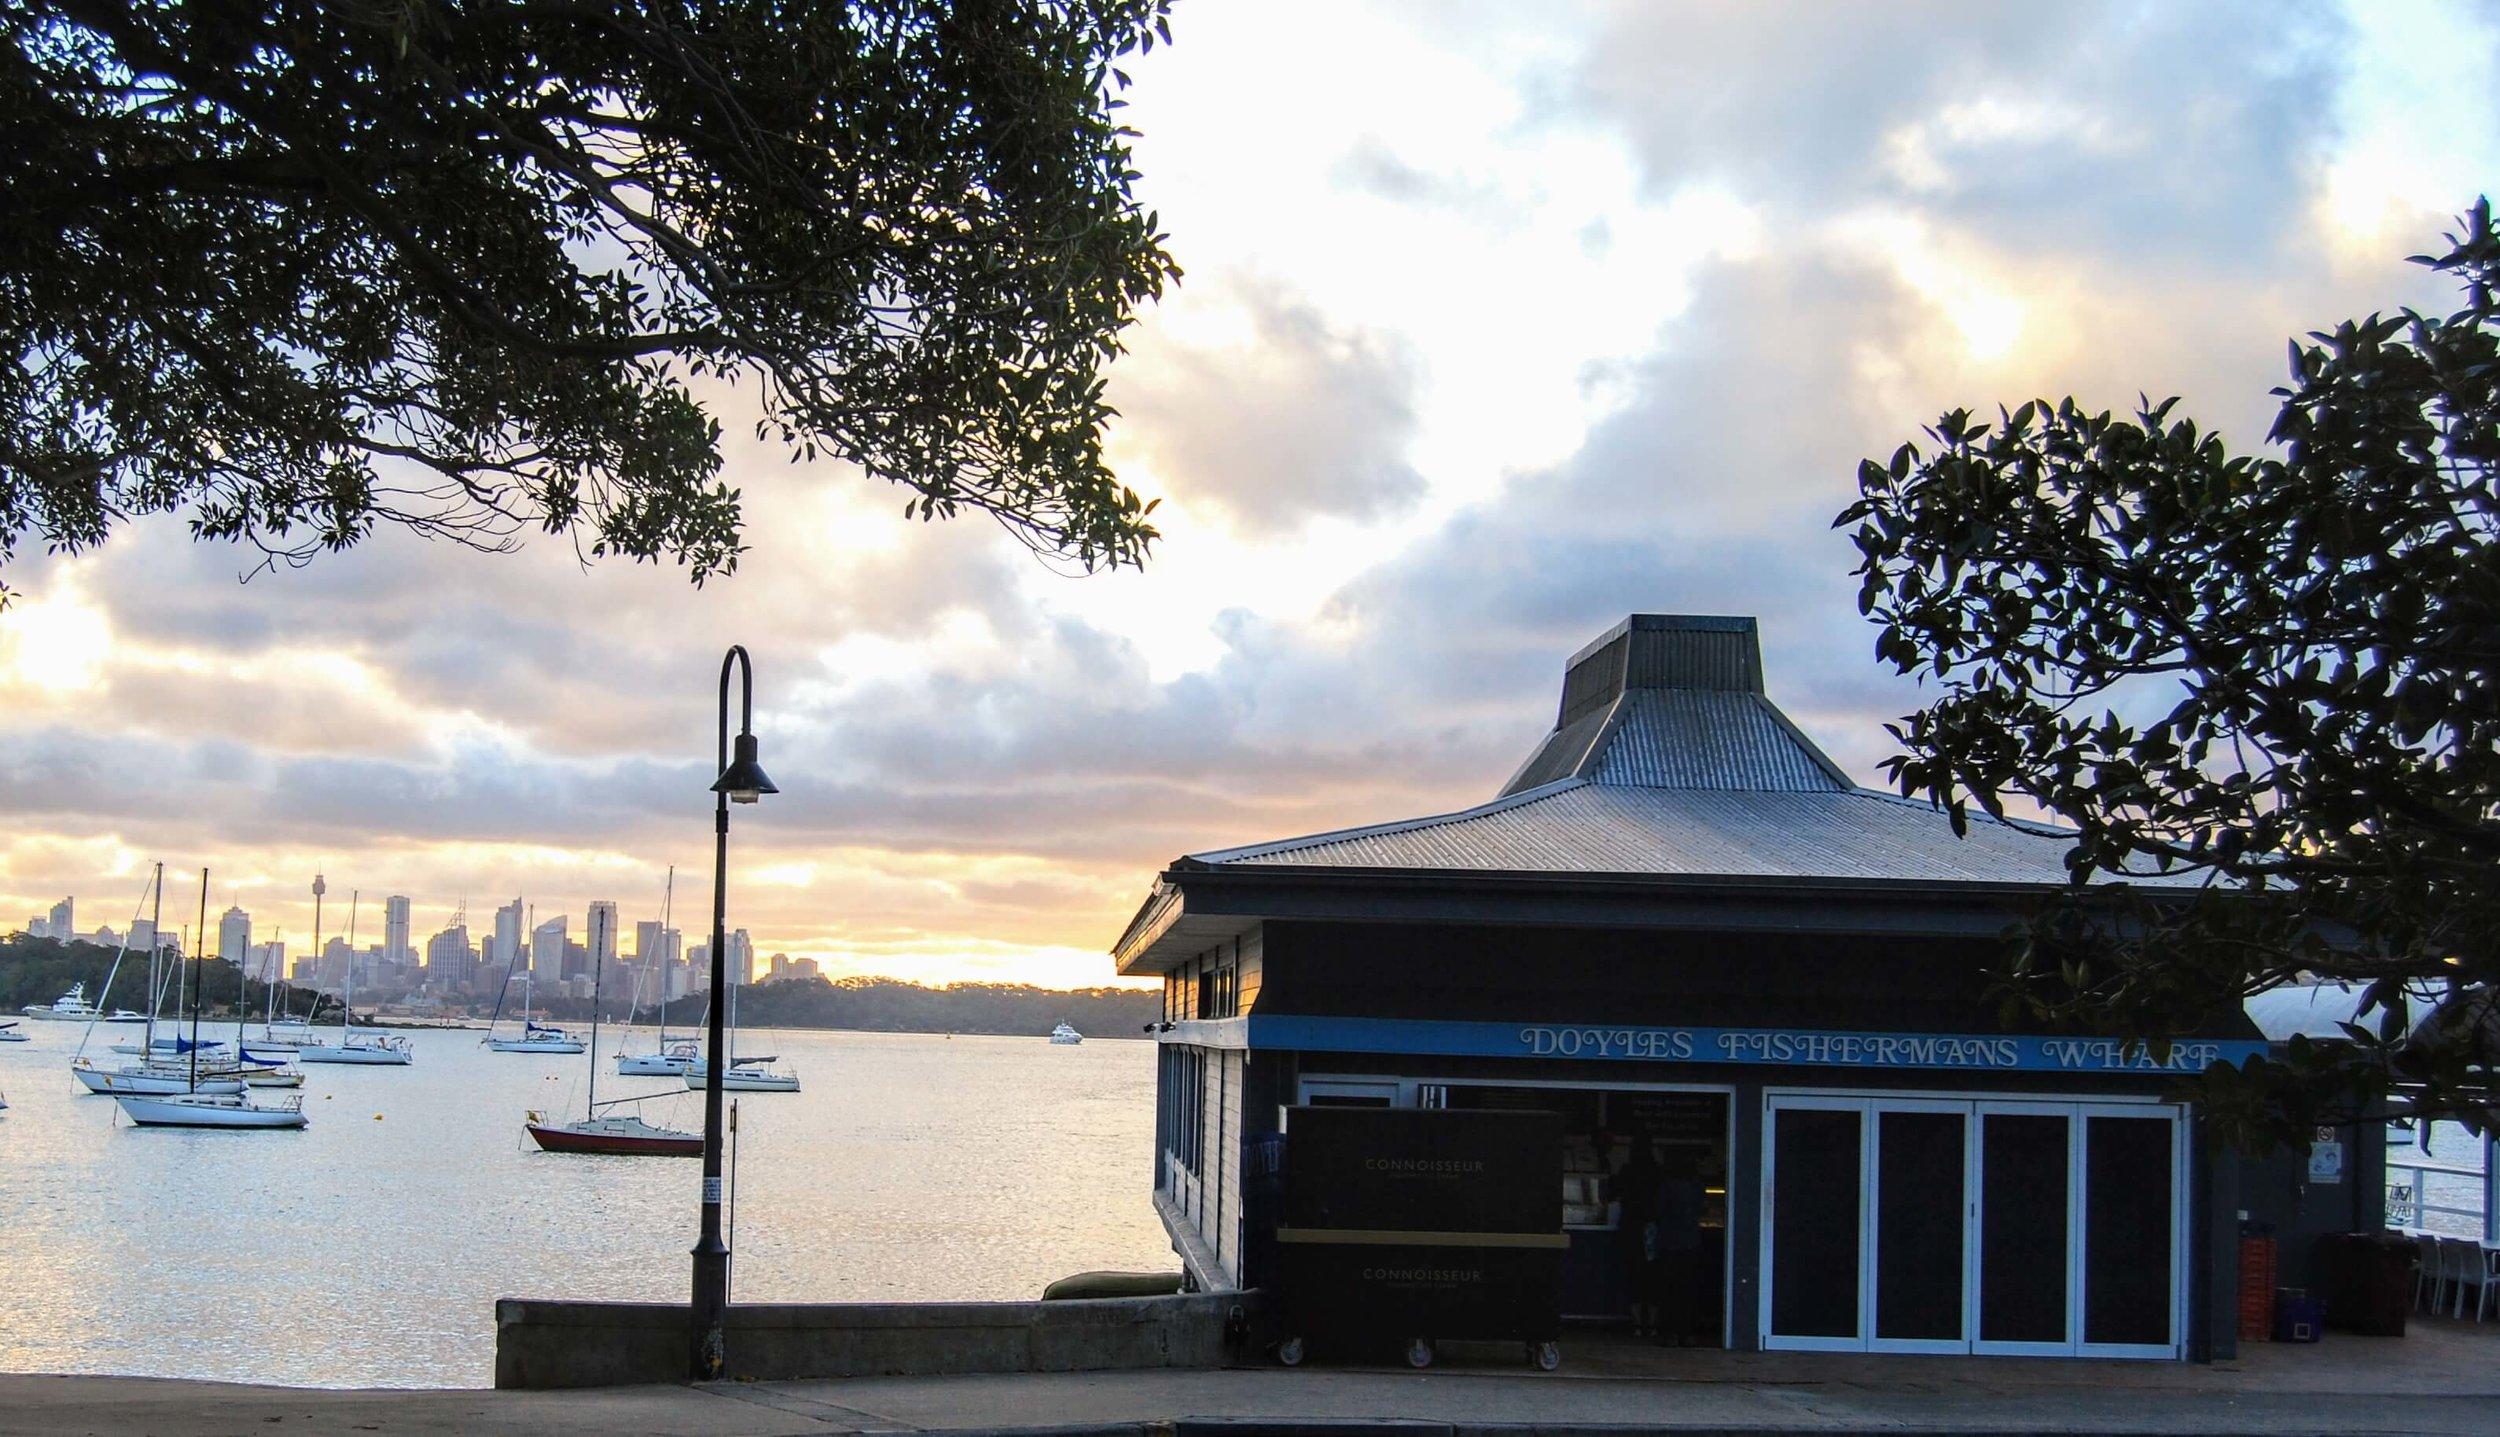 Doyles on the Wharf